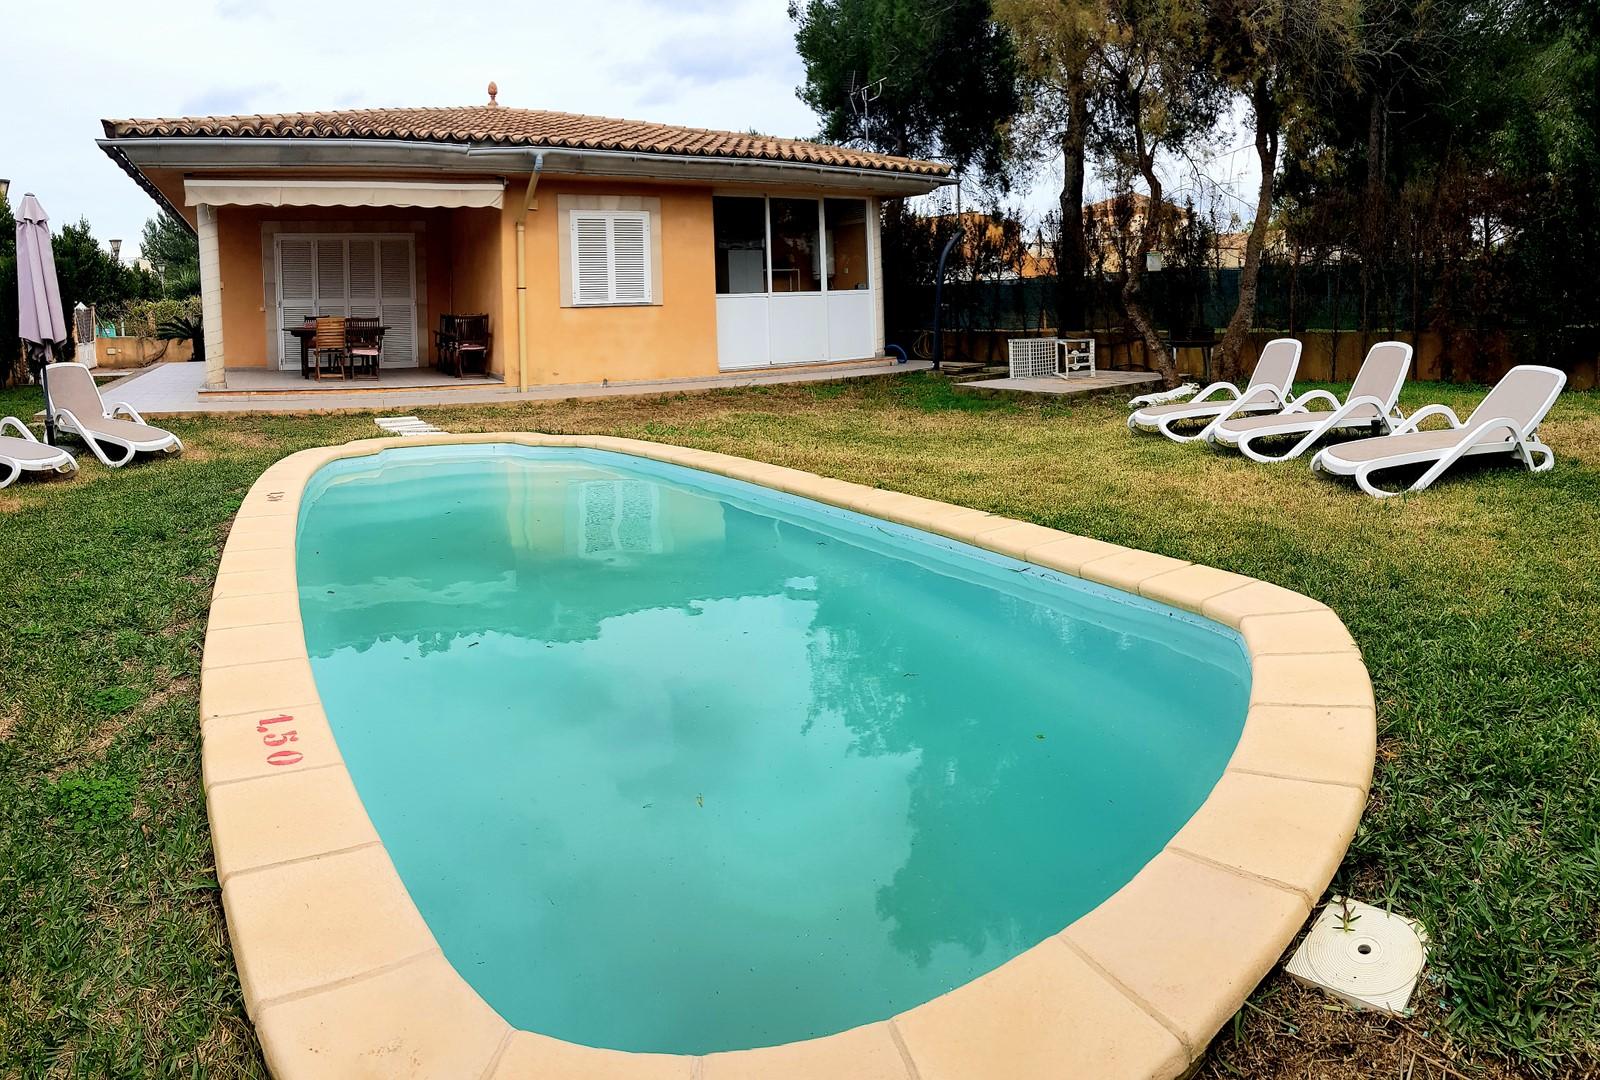 Alquiler Casa  Calle quinto. Unifamiliar con piscina.